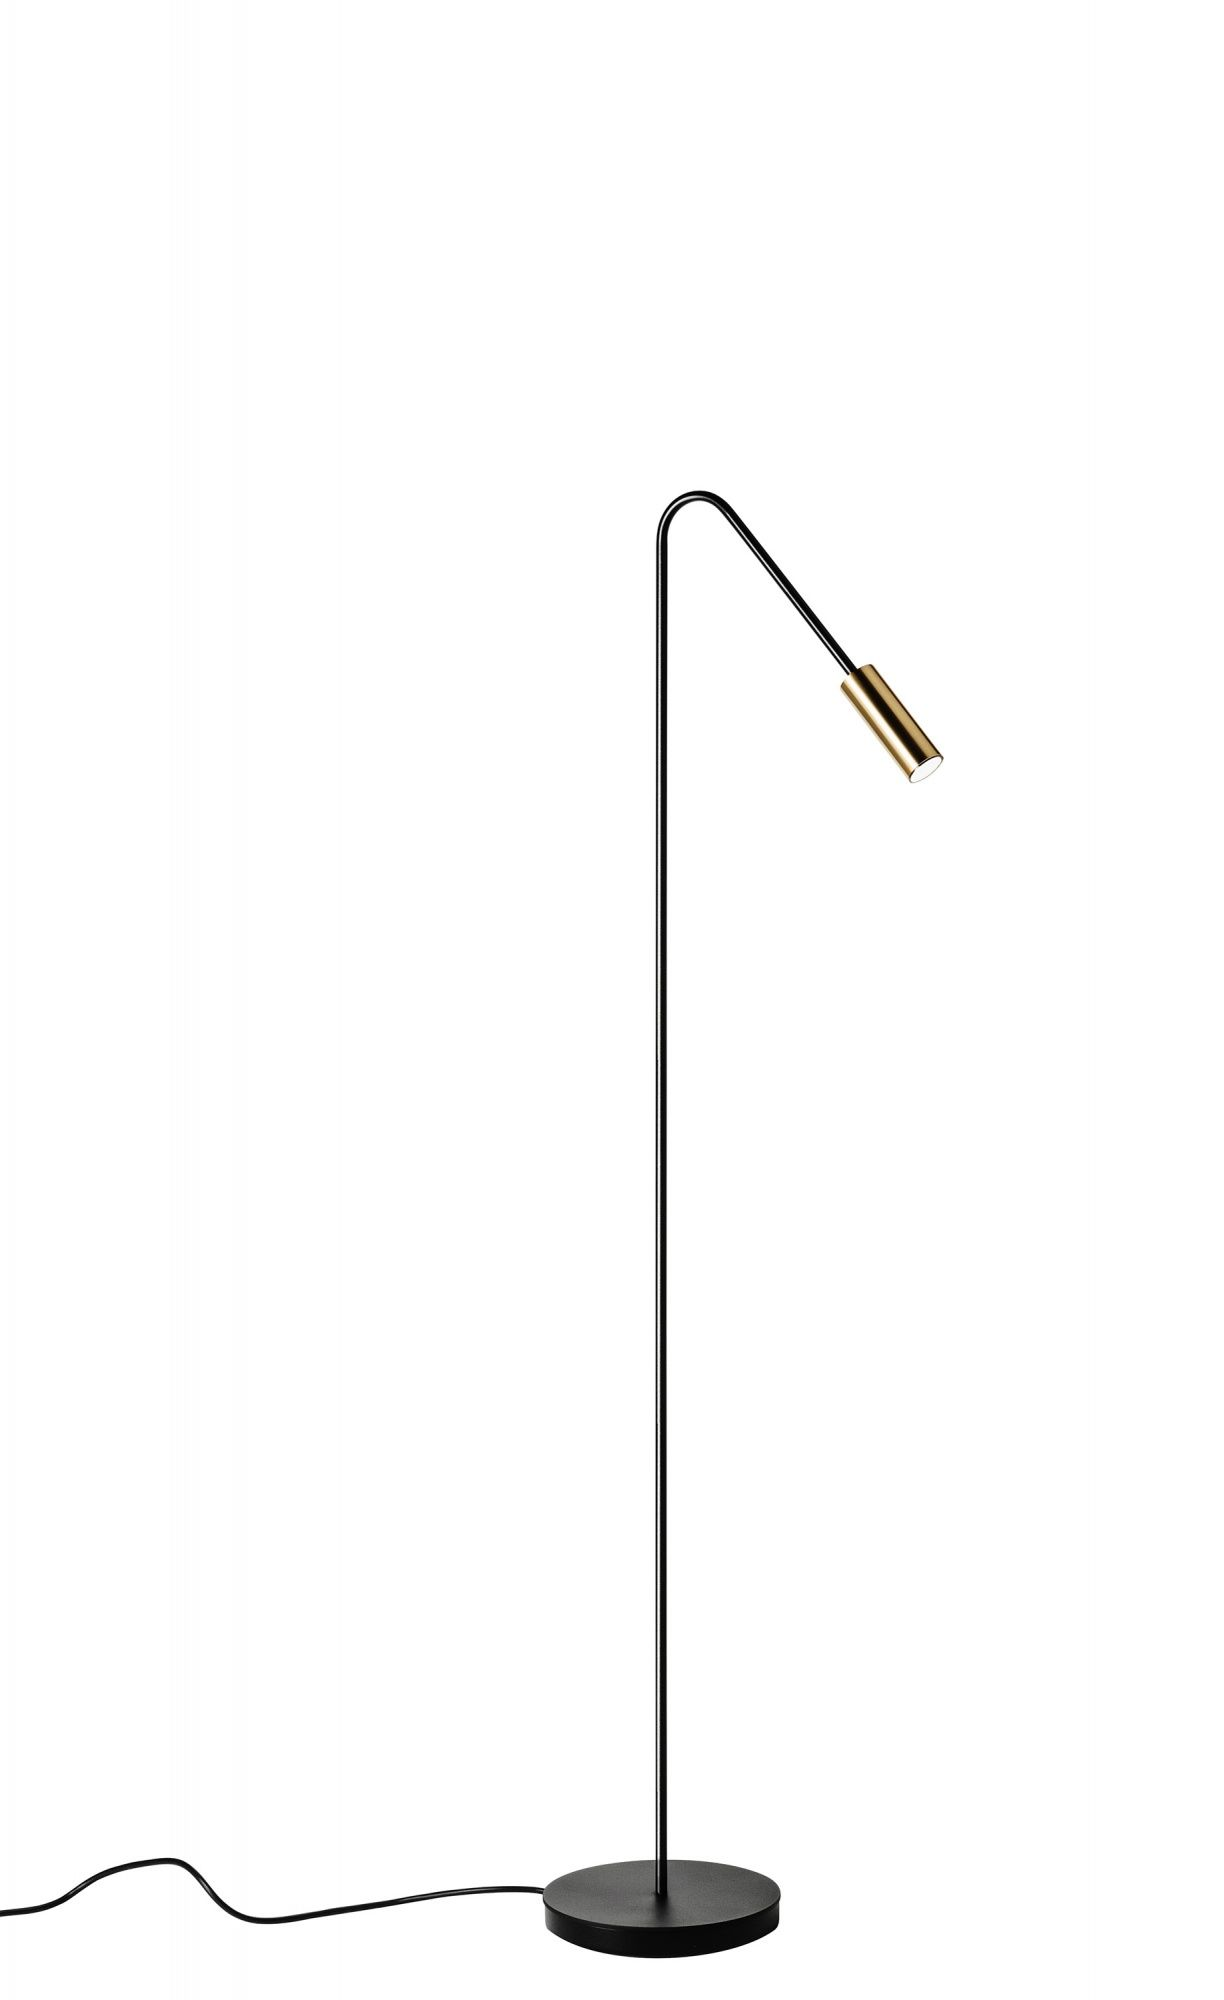 Lampa podłogowa Volta P-3538 Estiluz minimalistyczna oprawa w nowoczesnym stylu